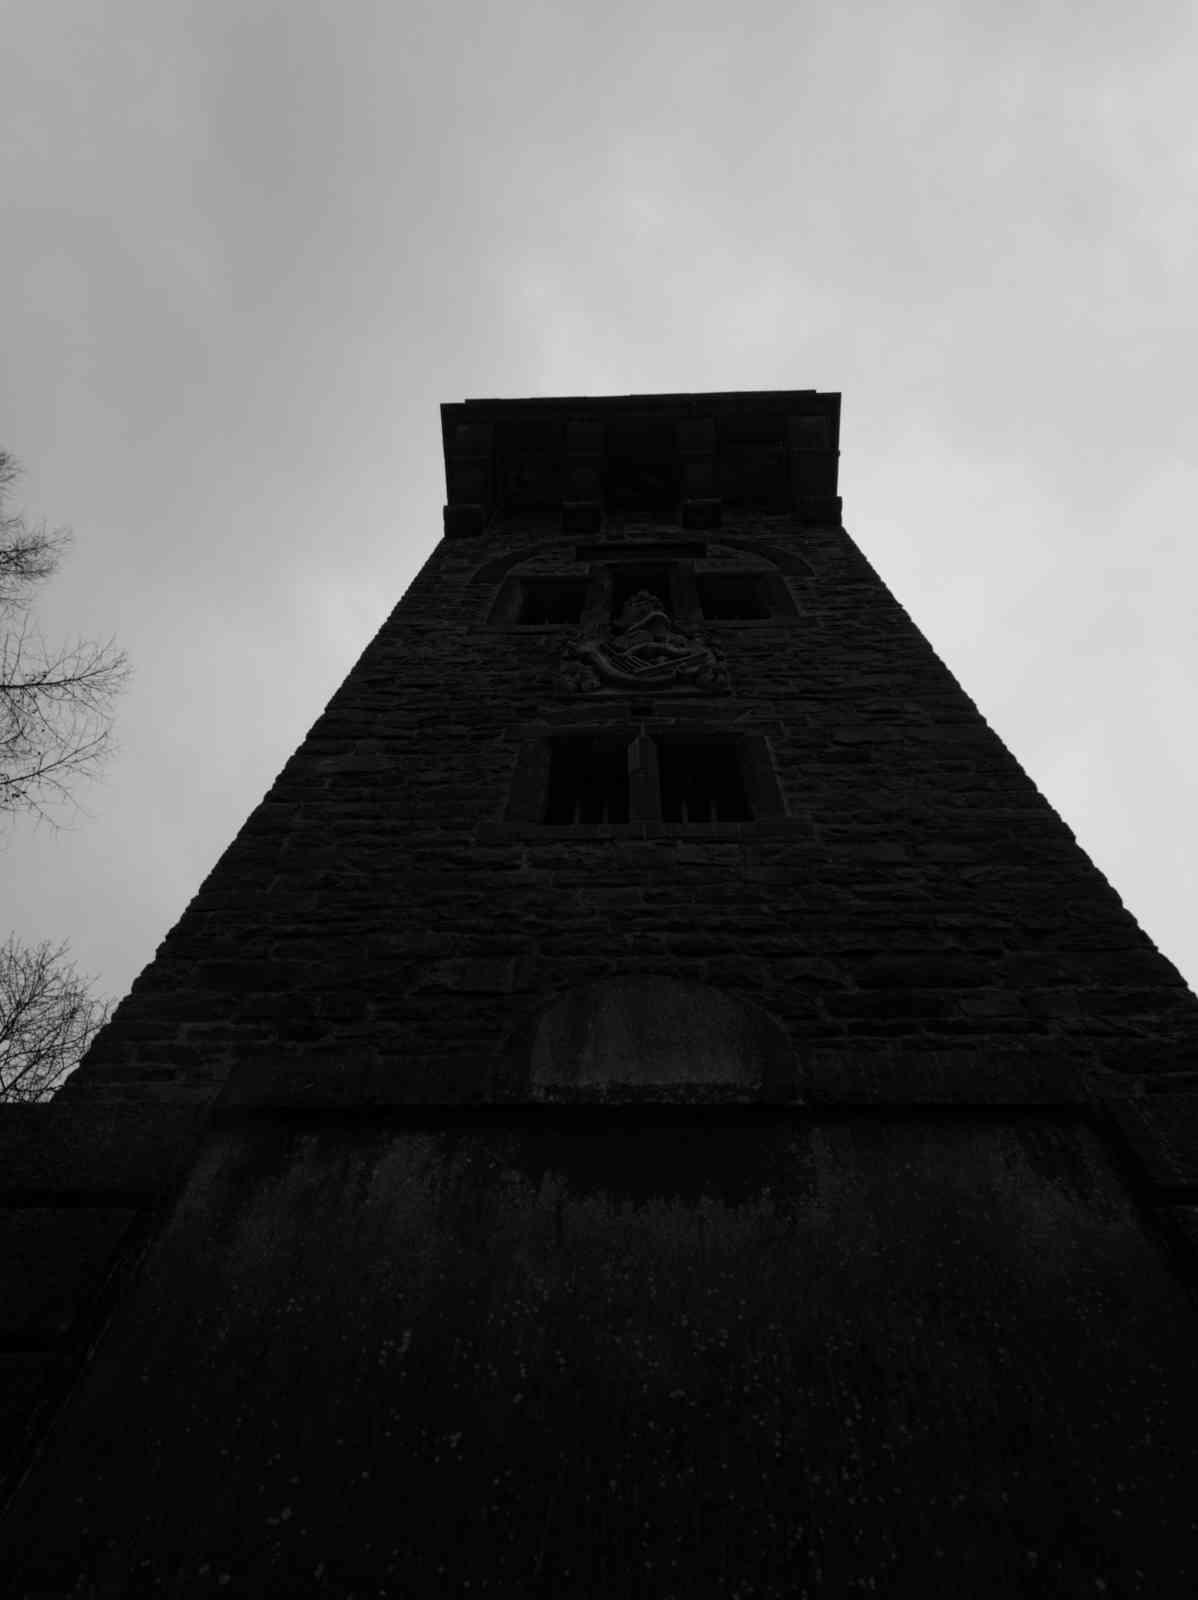 Von-der-Heydt-Turm 3